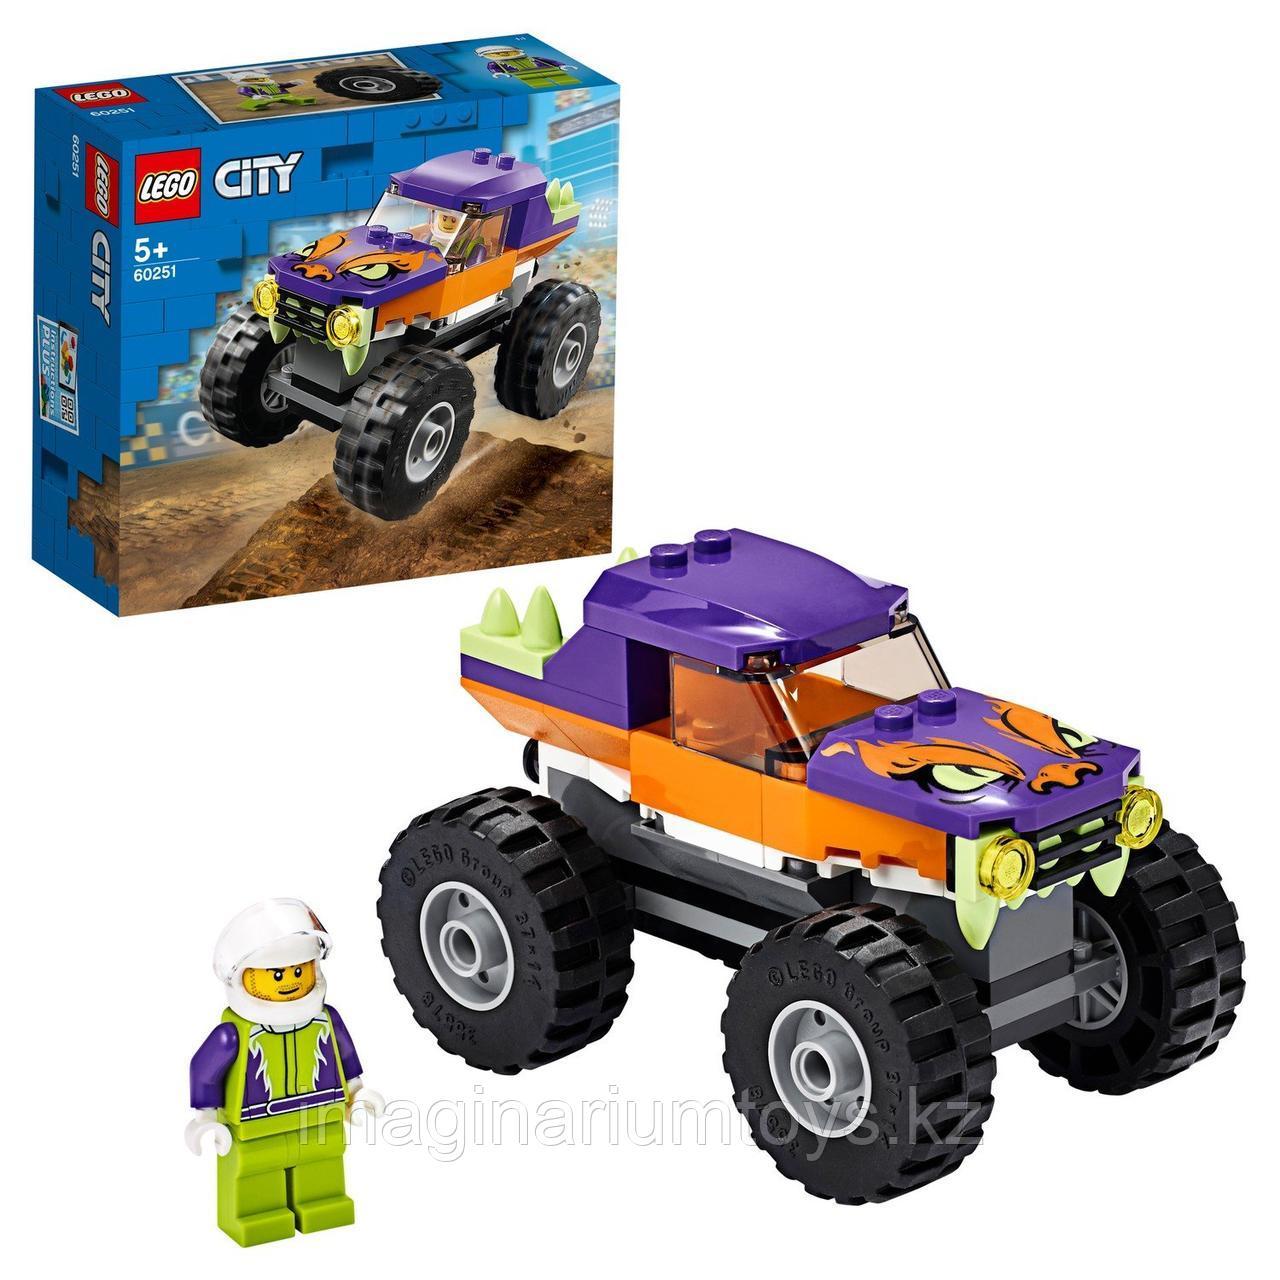 Lego Конструктор Город Транспорт Монстр-трак